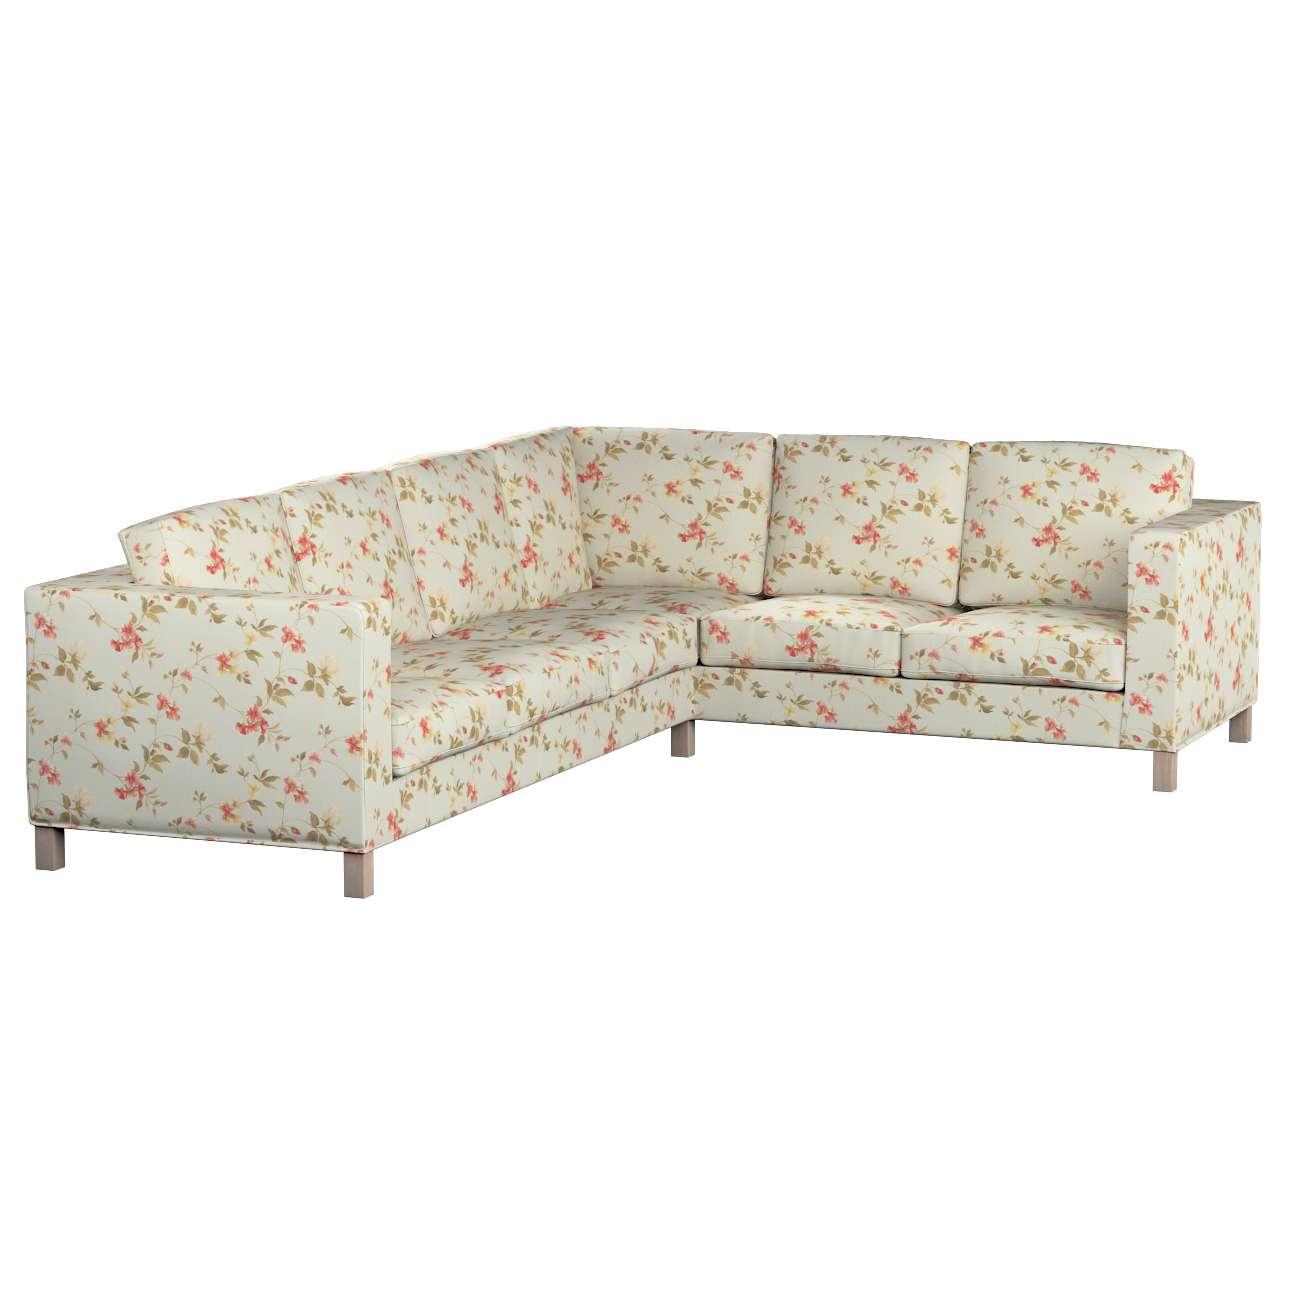 Pokrowiec na sofę narożną lewostronną Karlanda Sofa narożna lewostronna Karlanda w kolekcji Londres, tkanina: 124-65